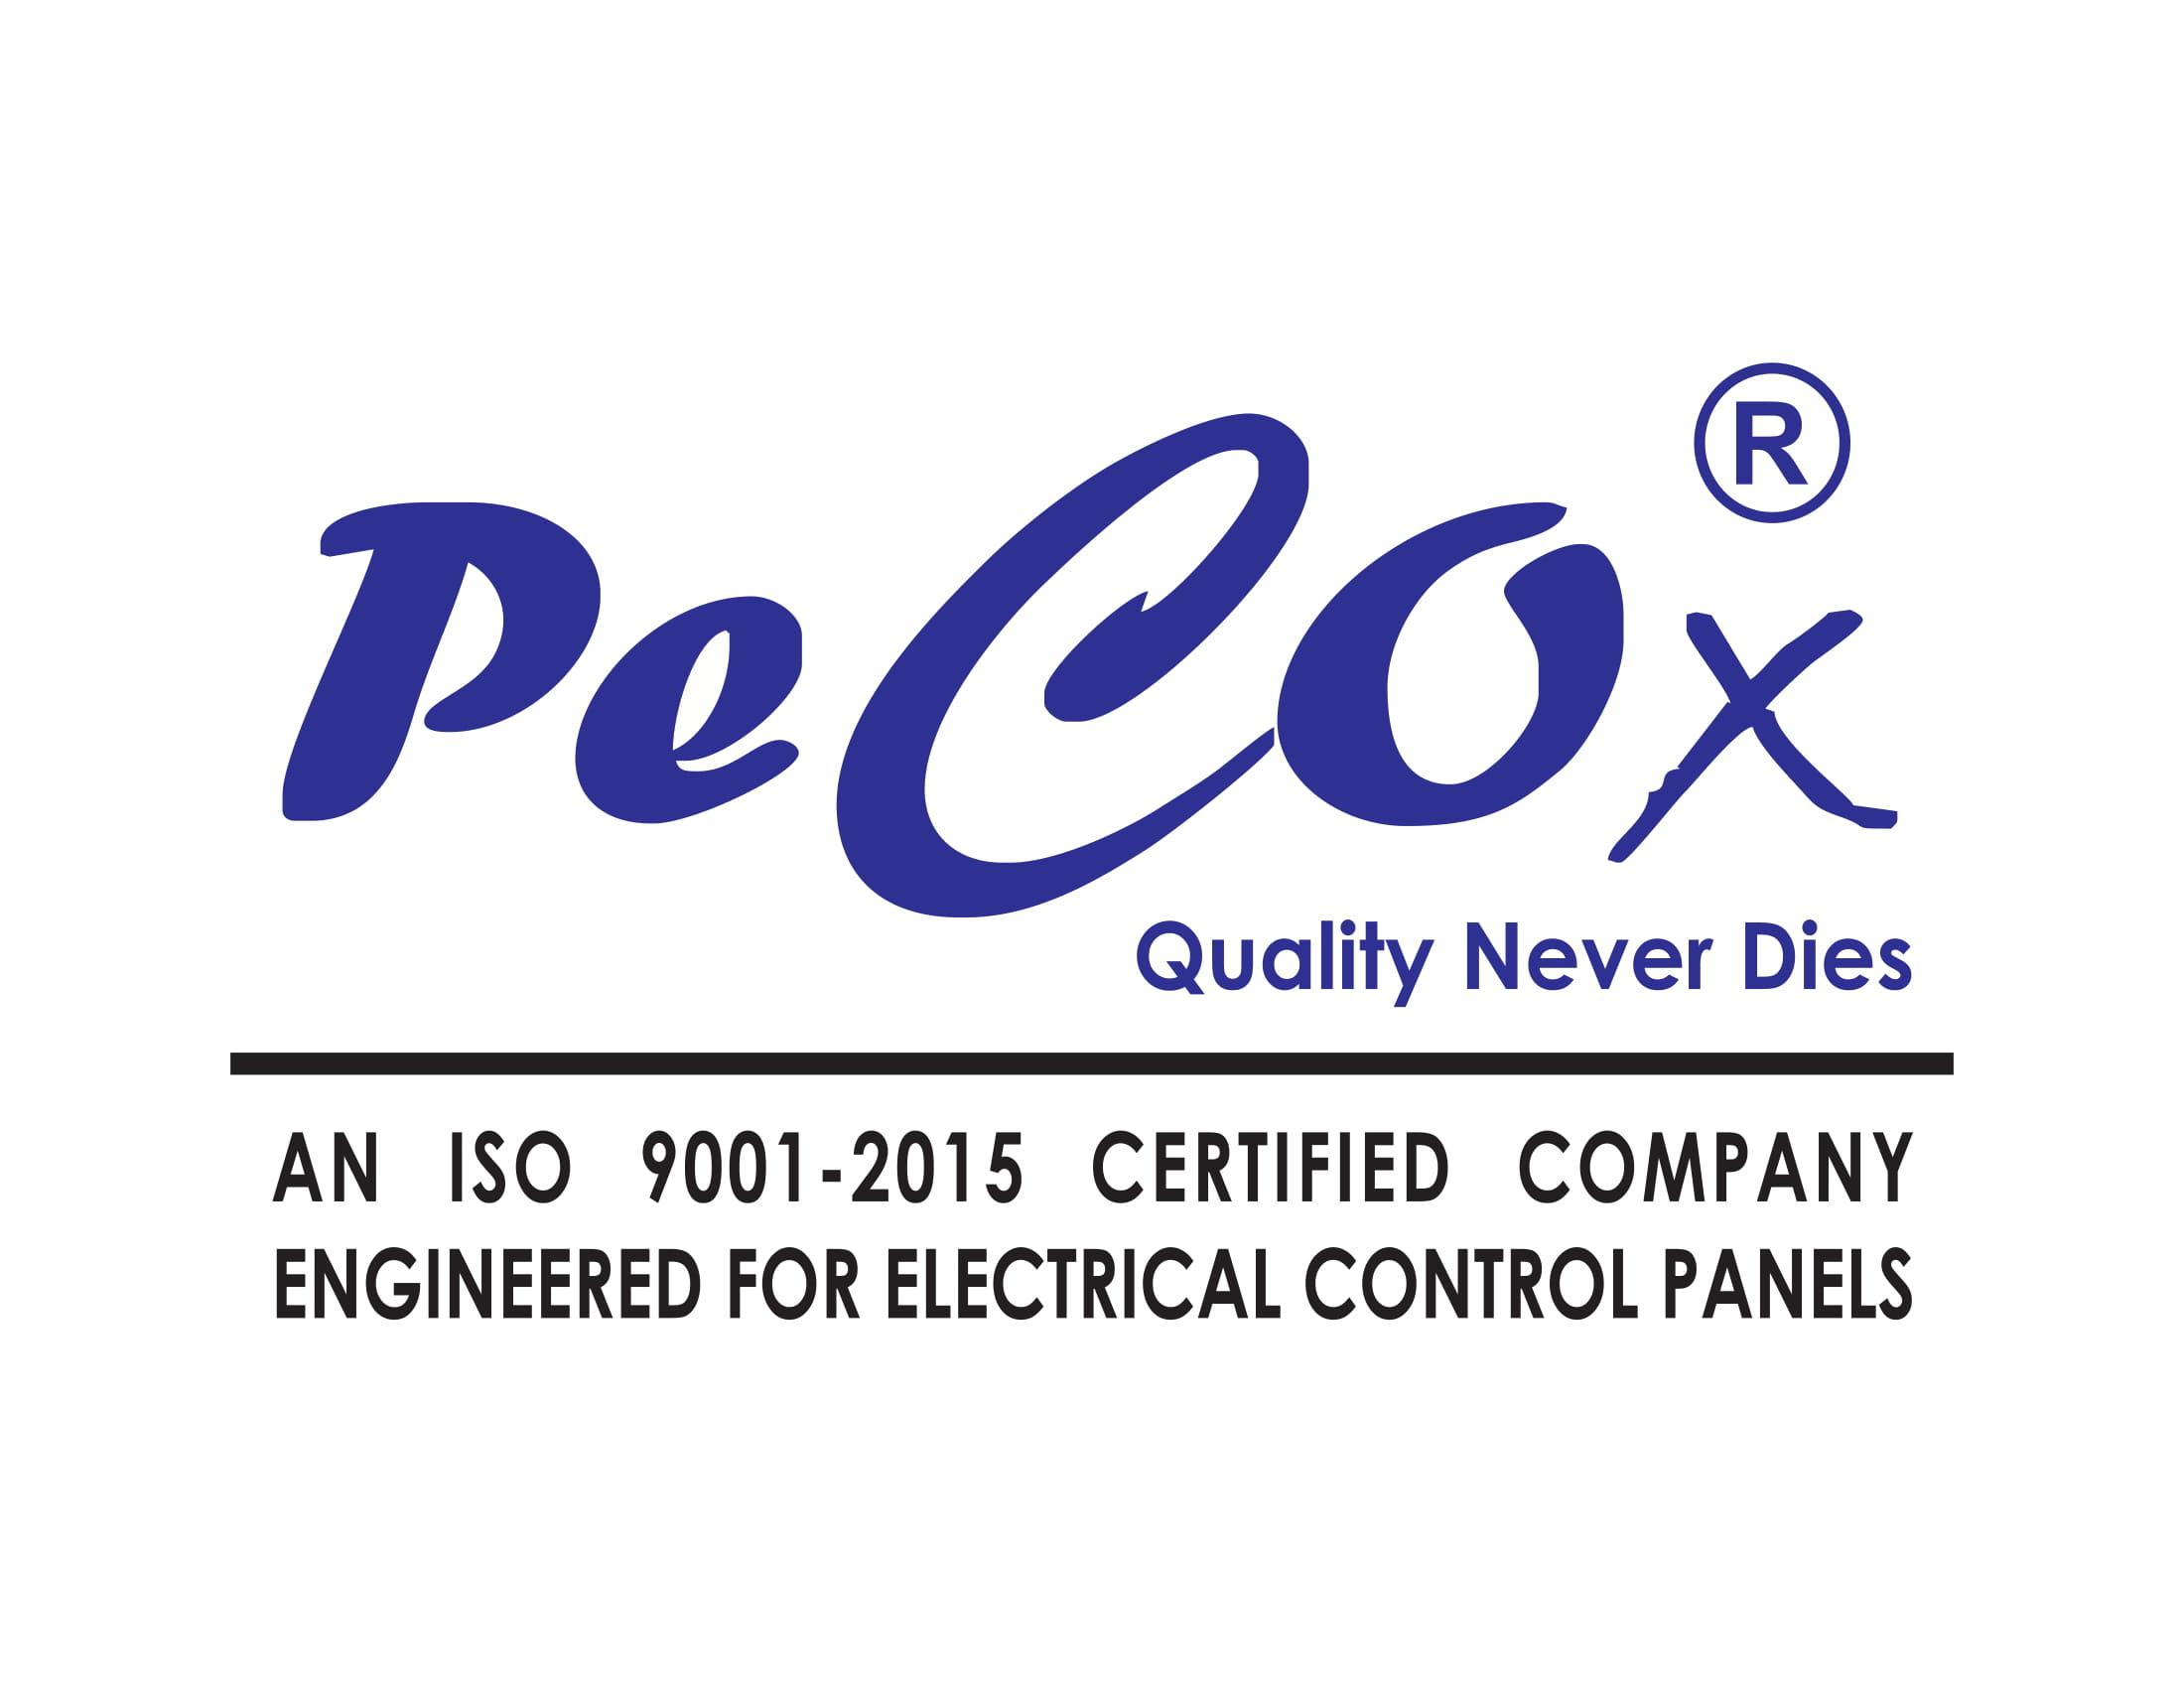 pecox